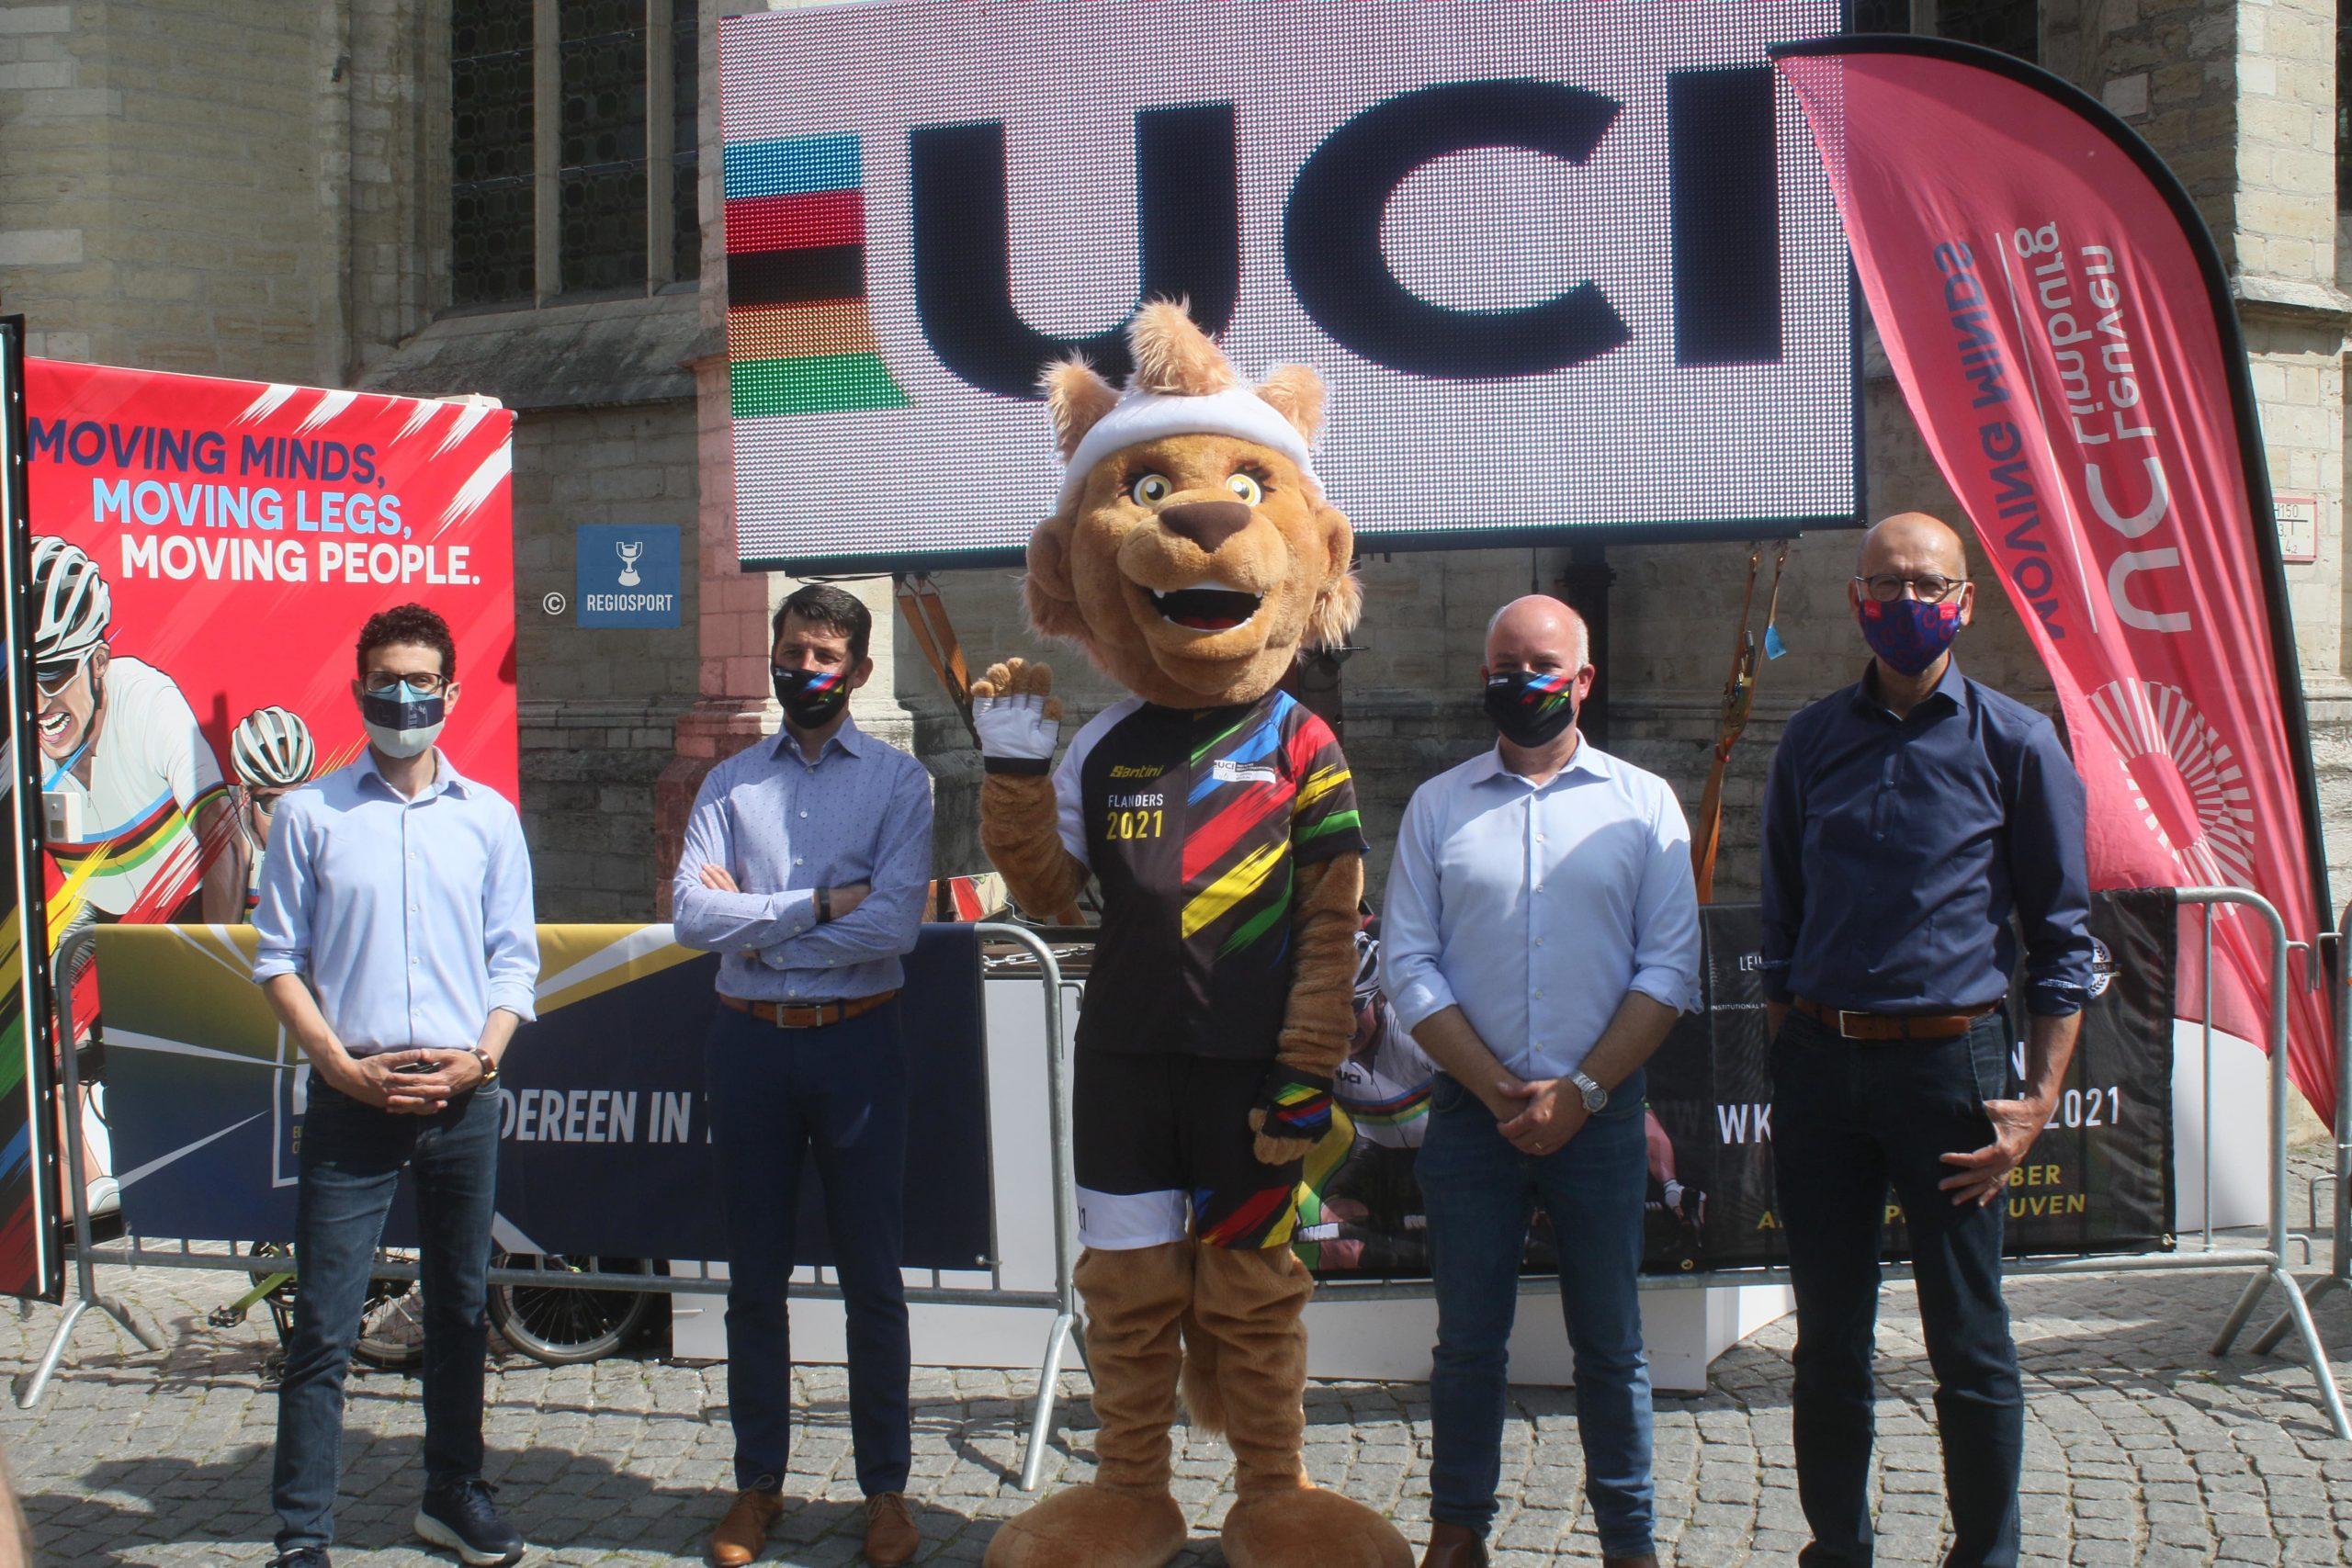 WK wielrennen in Leuven: 100 jaar, 100 dagen, 100 prijzen